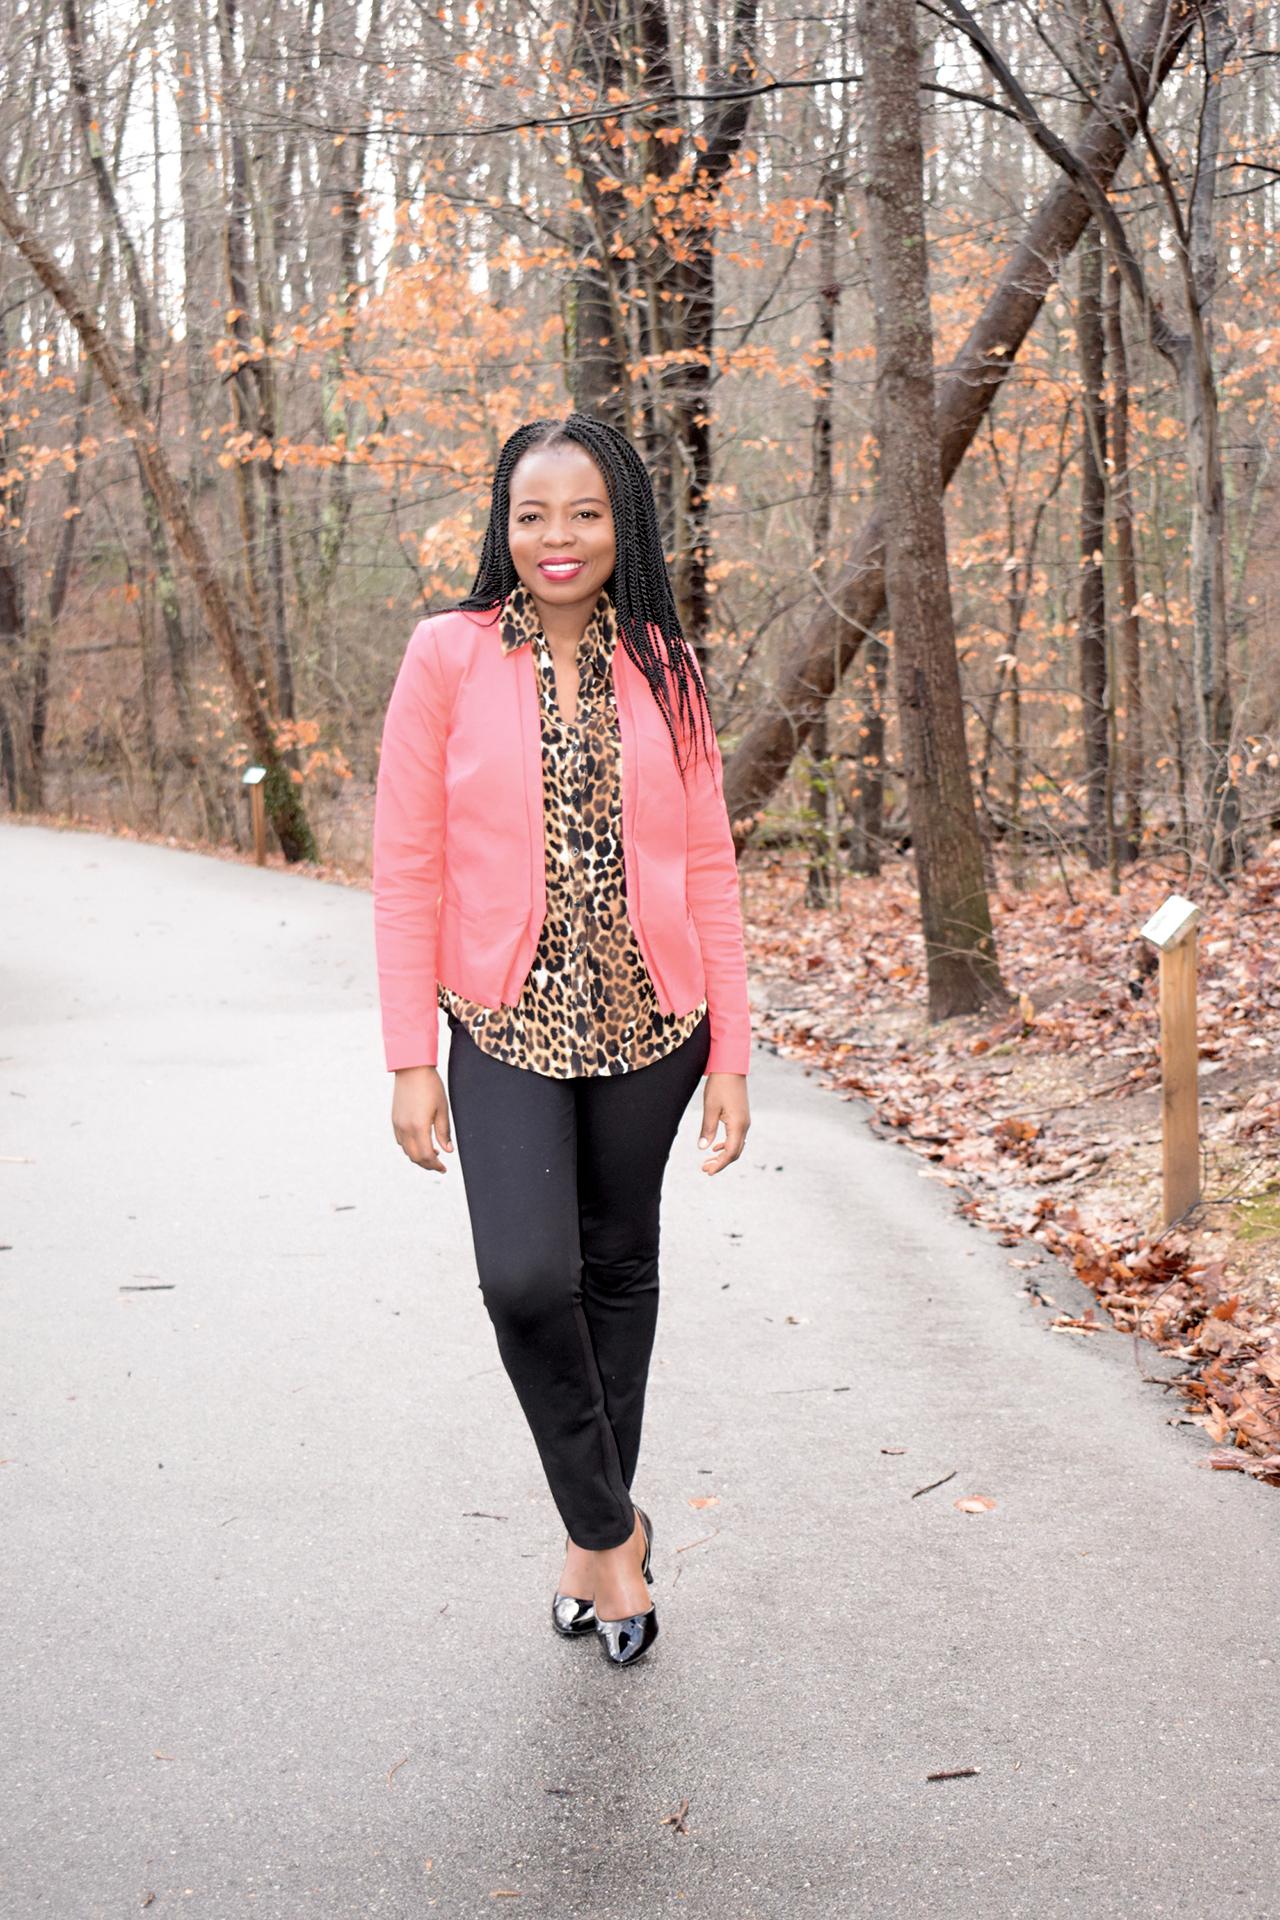 Pink blazer + Leopard print shirt graphic